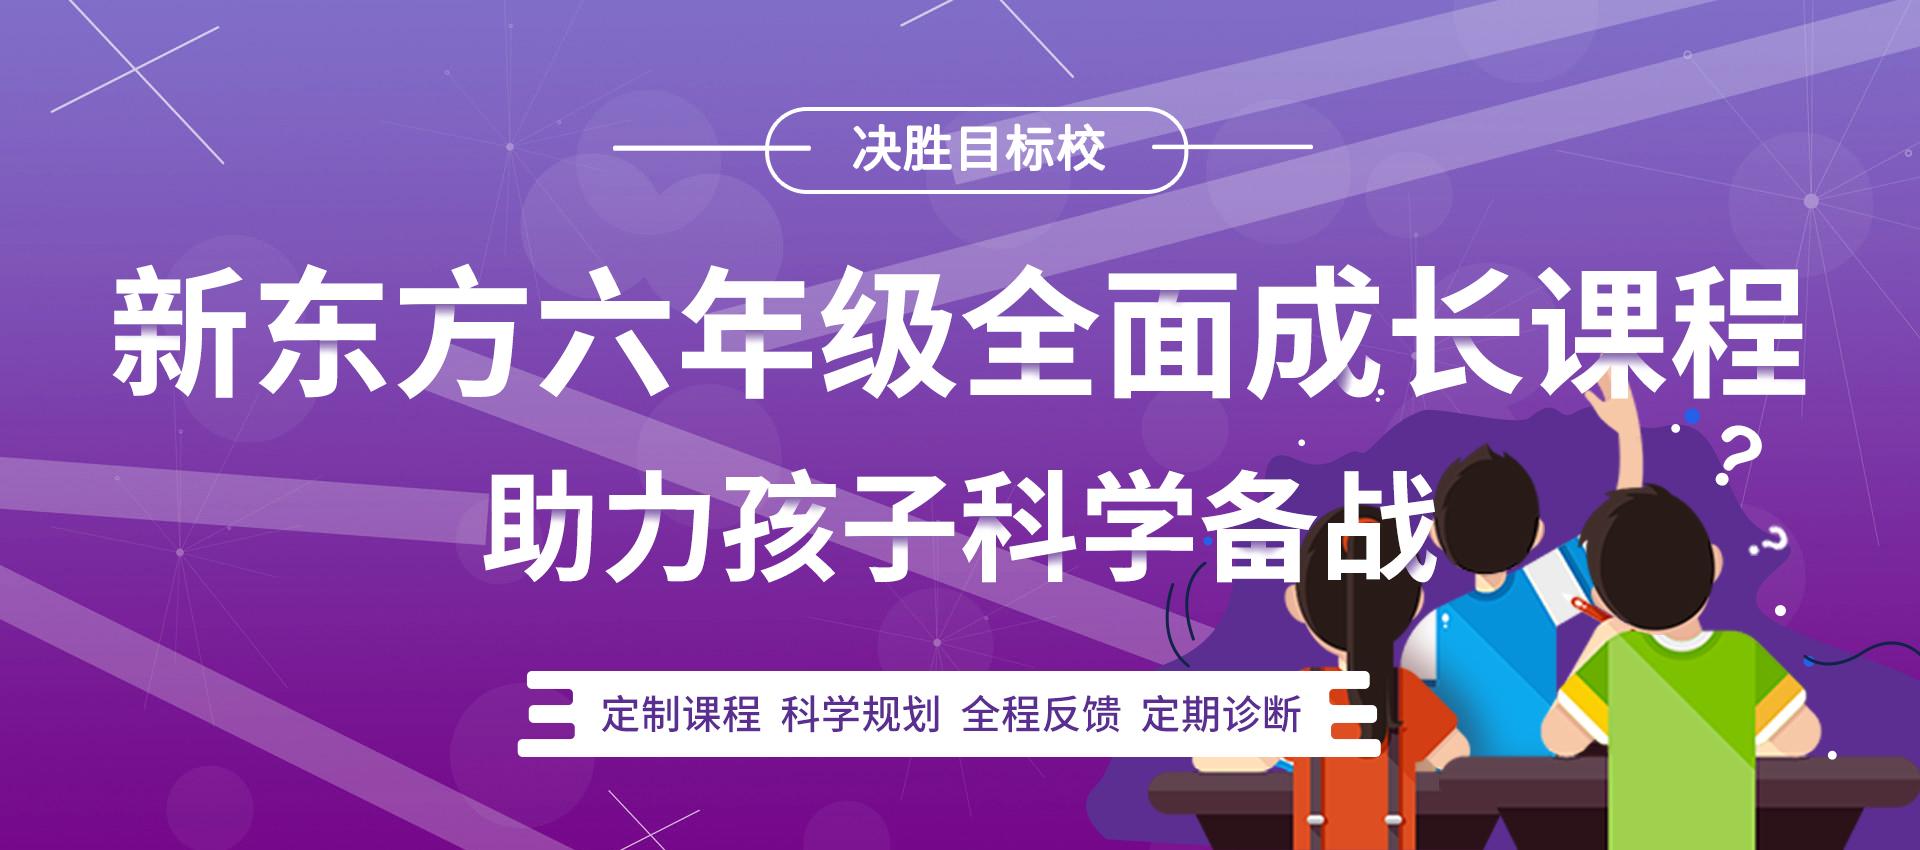 郑州小升初